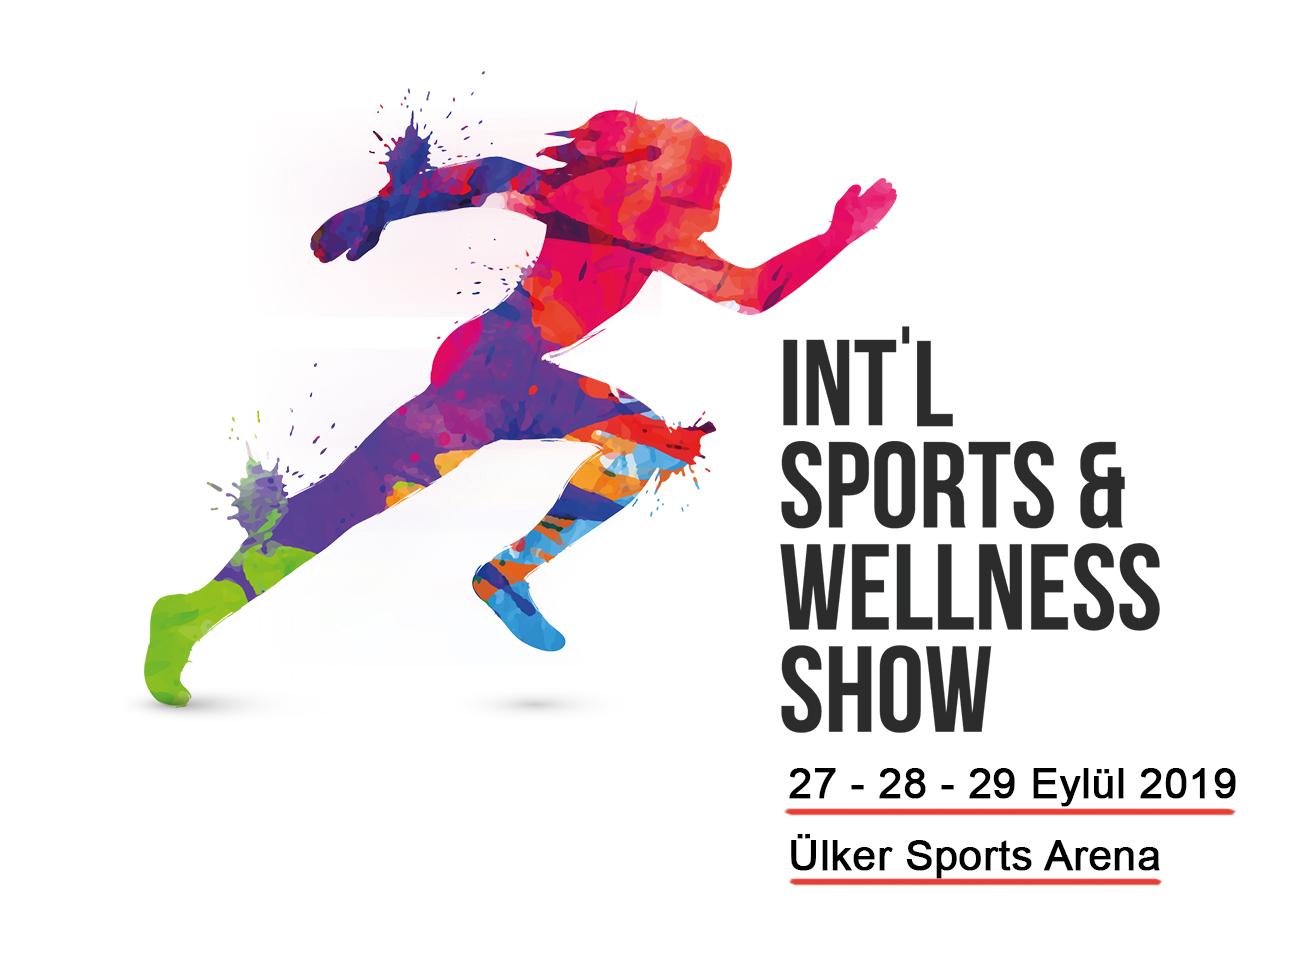 Int'l Sports & Wellness Show